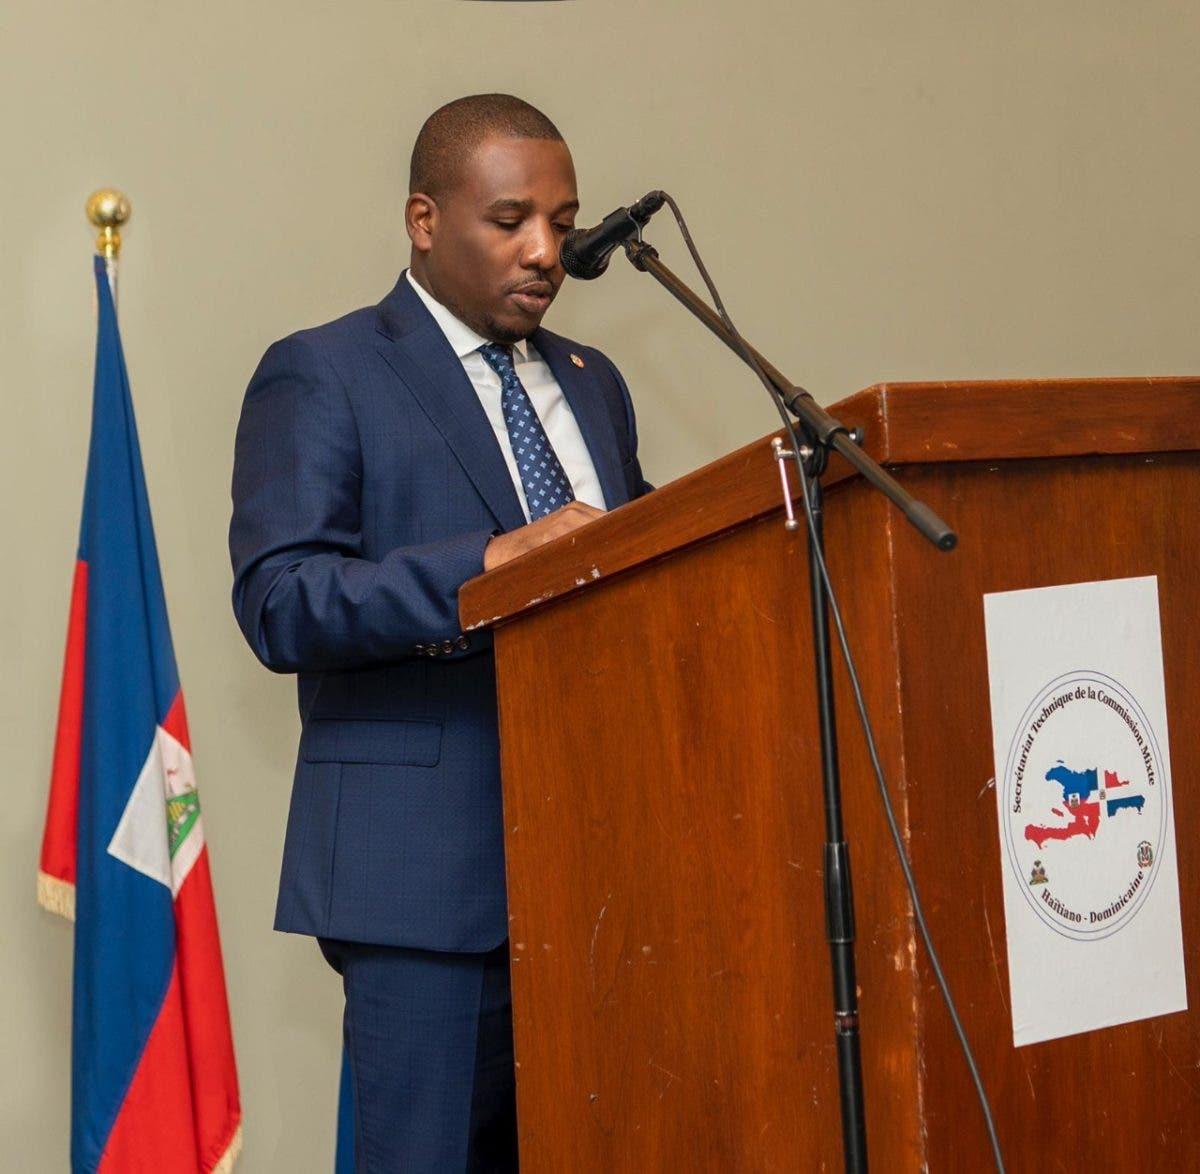 Canciller de Haití: migración y comercio son temas primordiales en las relaciones con RD